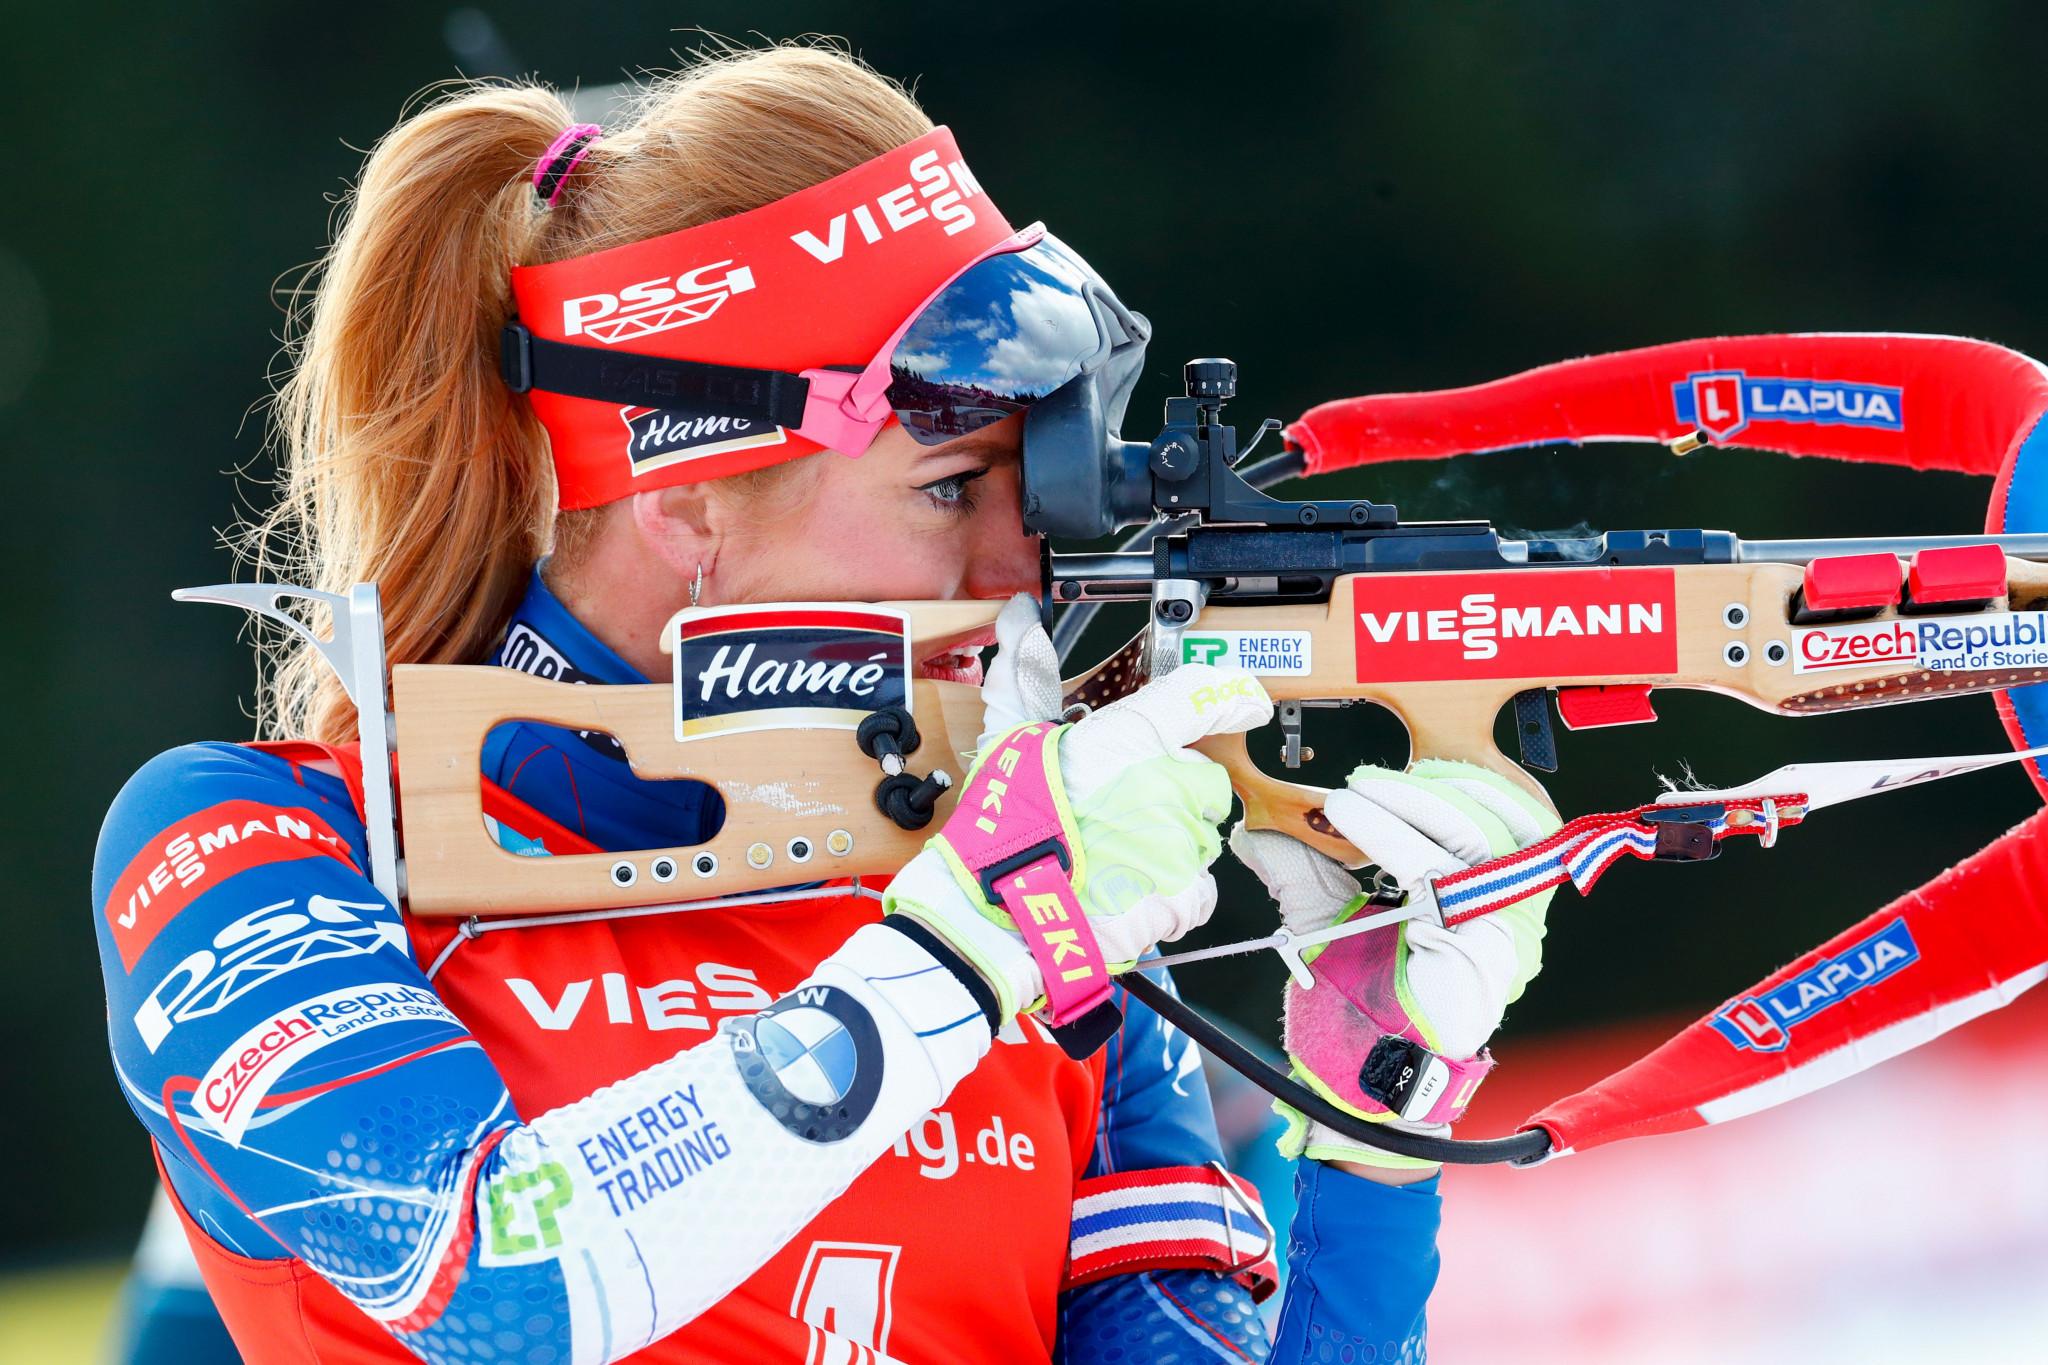 Czech biathlete Koukalová to skip 2018-2019 season